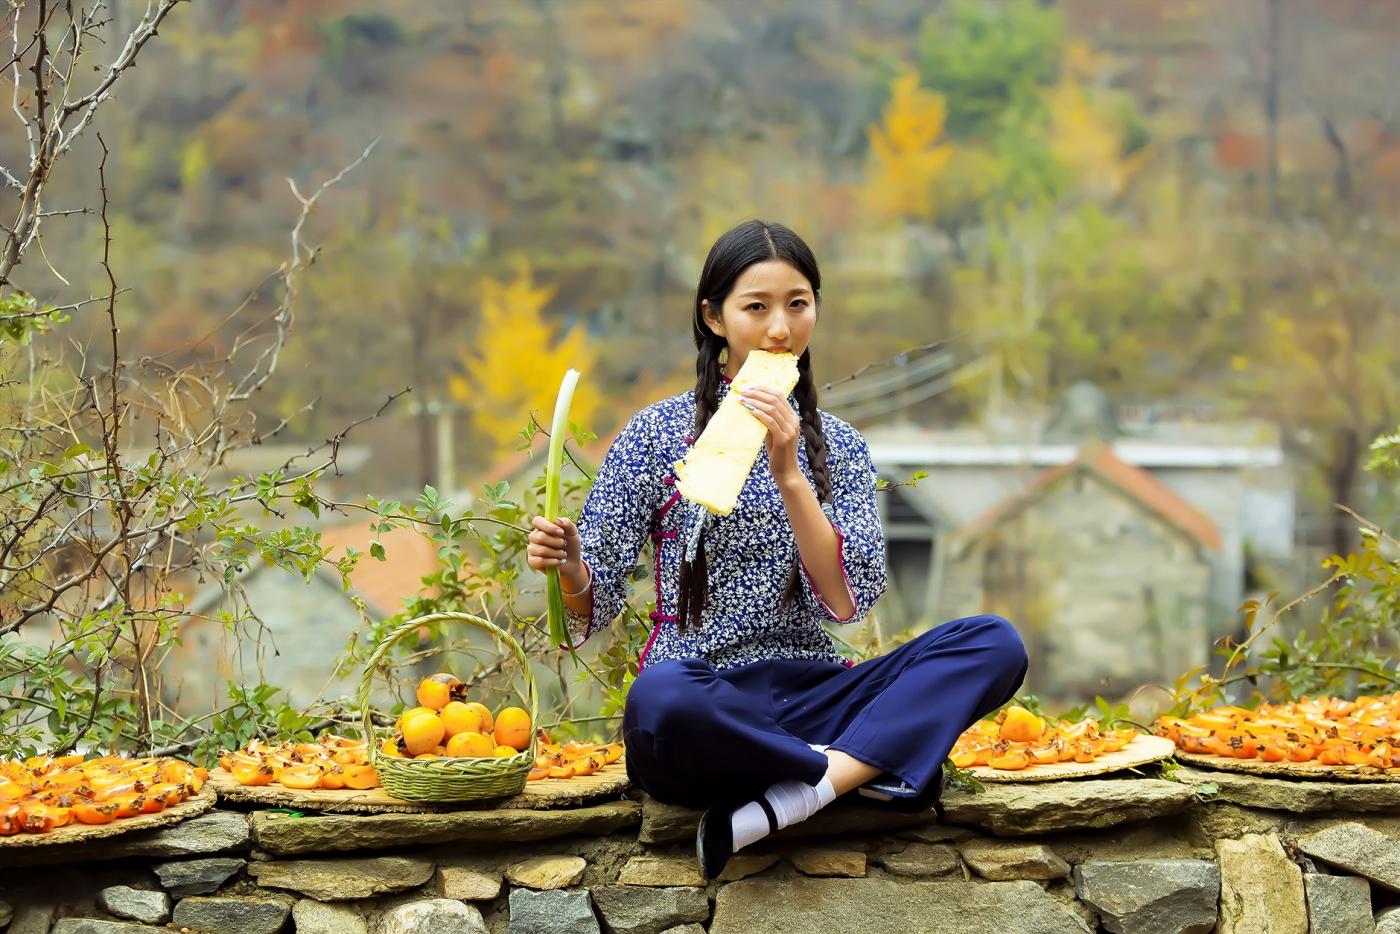 """蒙山人家走来一位可爱的""""煎饼mm"""" 地道的临沂大嫚范_图1-9"""